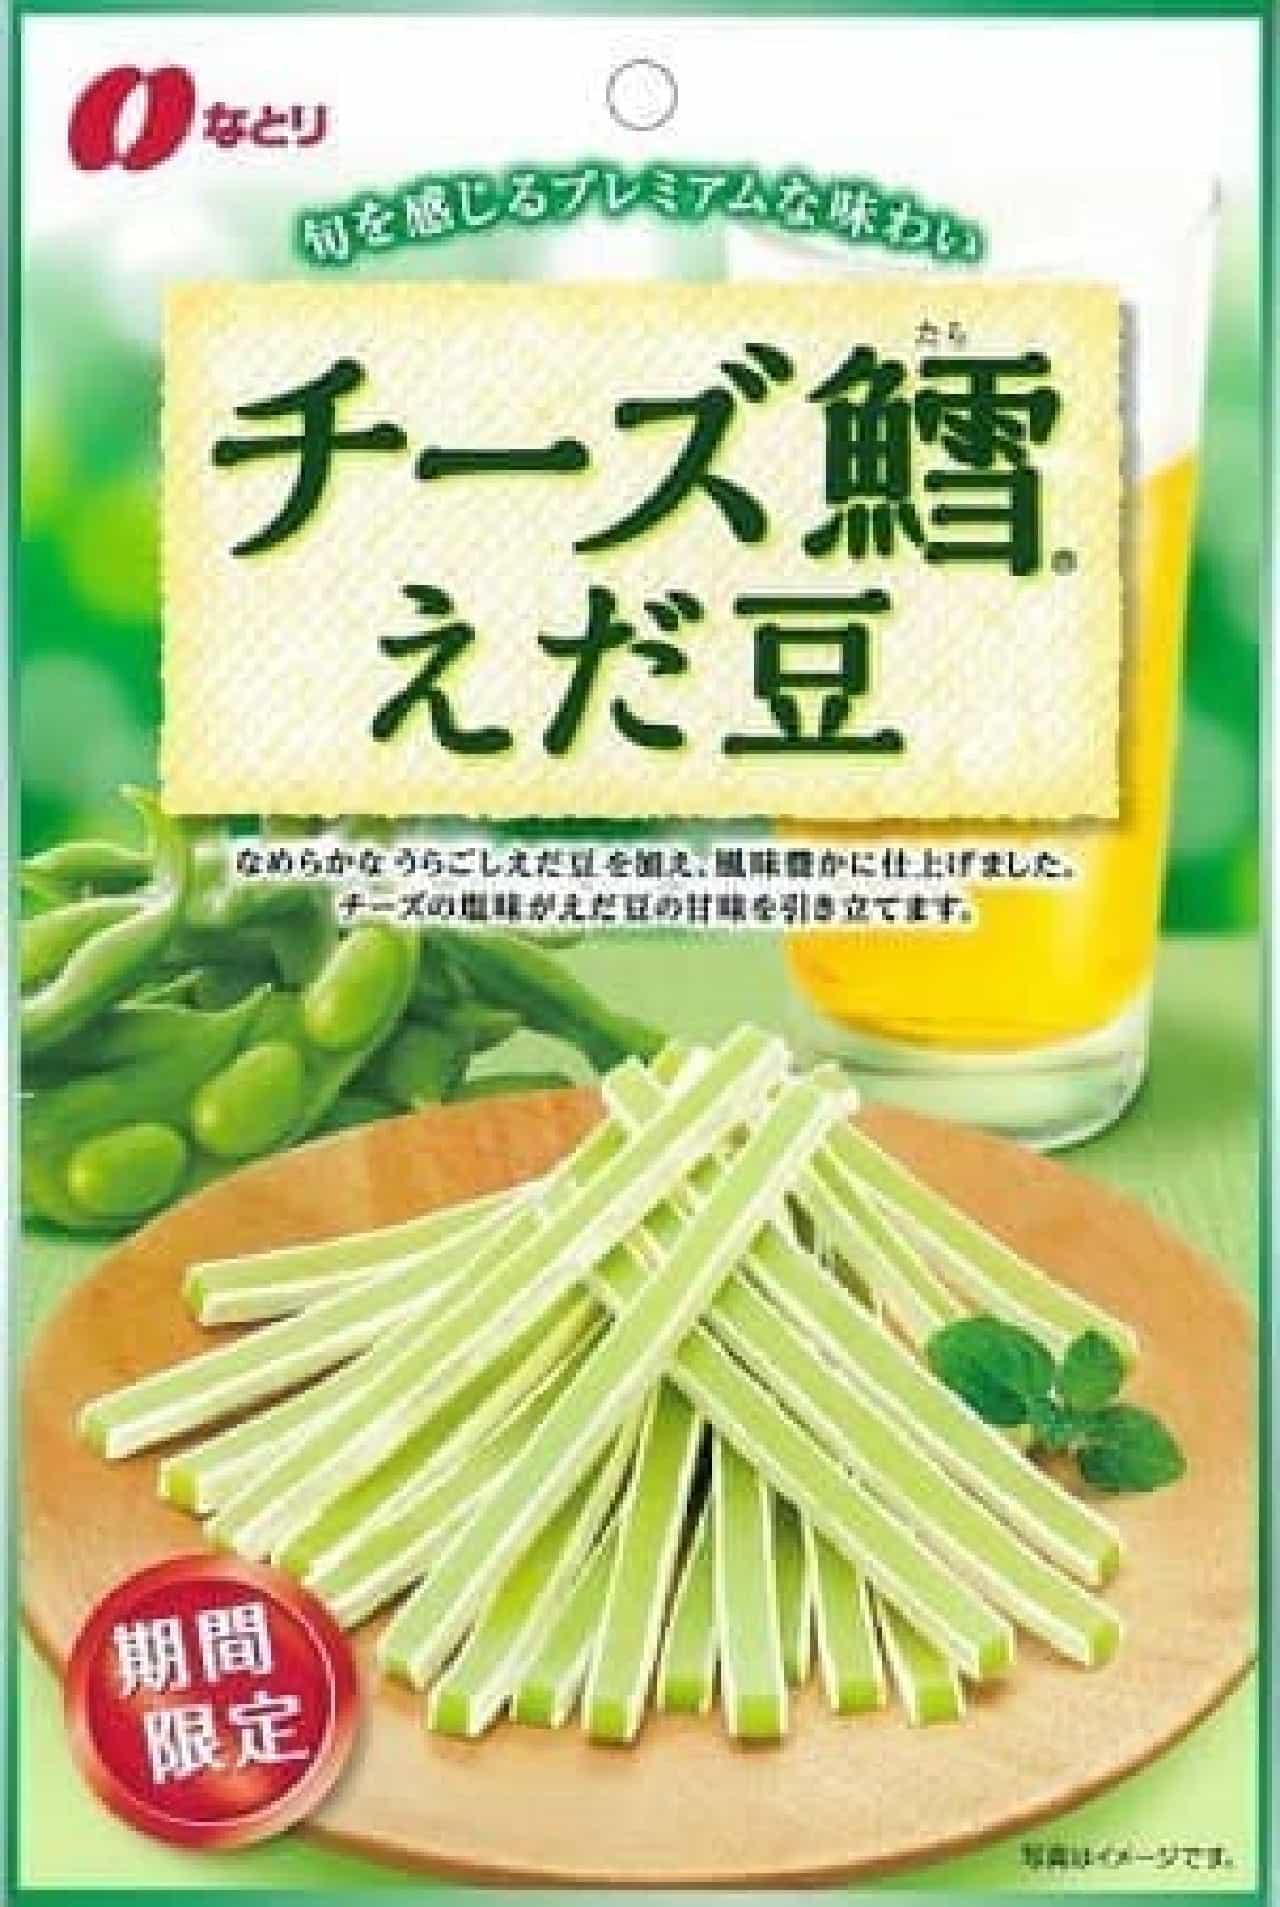 """鮮やかな緑色が夏らしい""""チーたら""""登場!"""